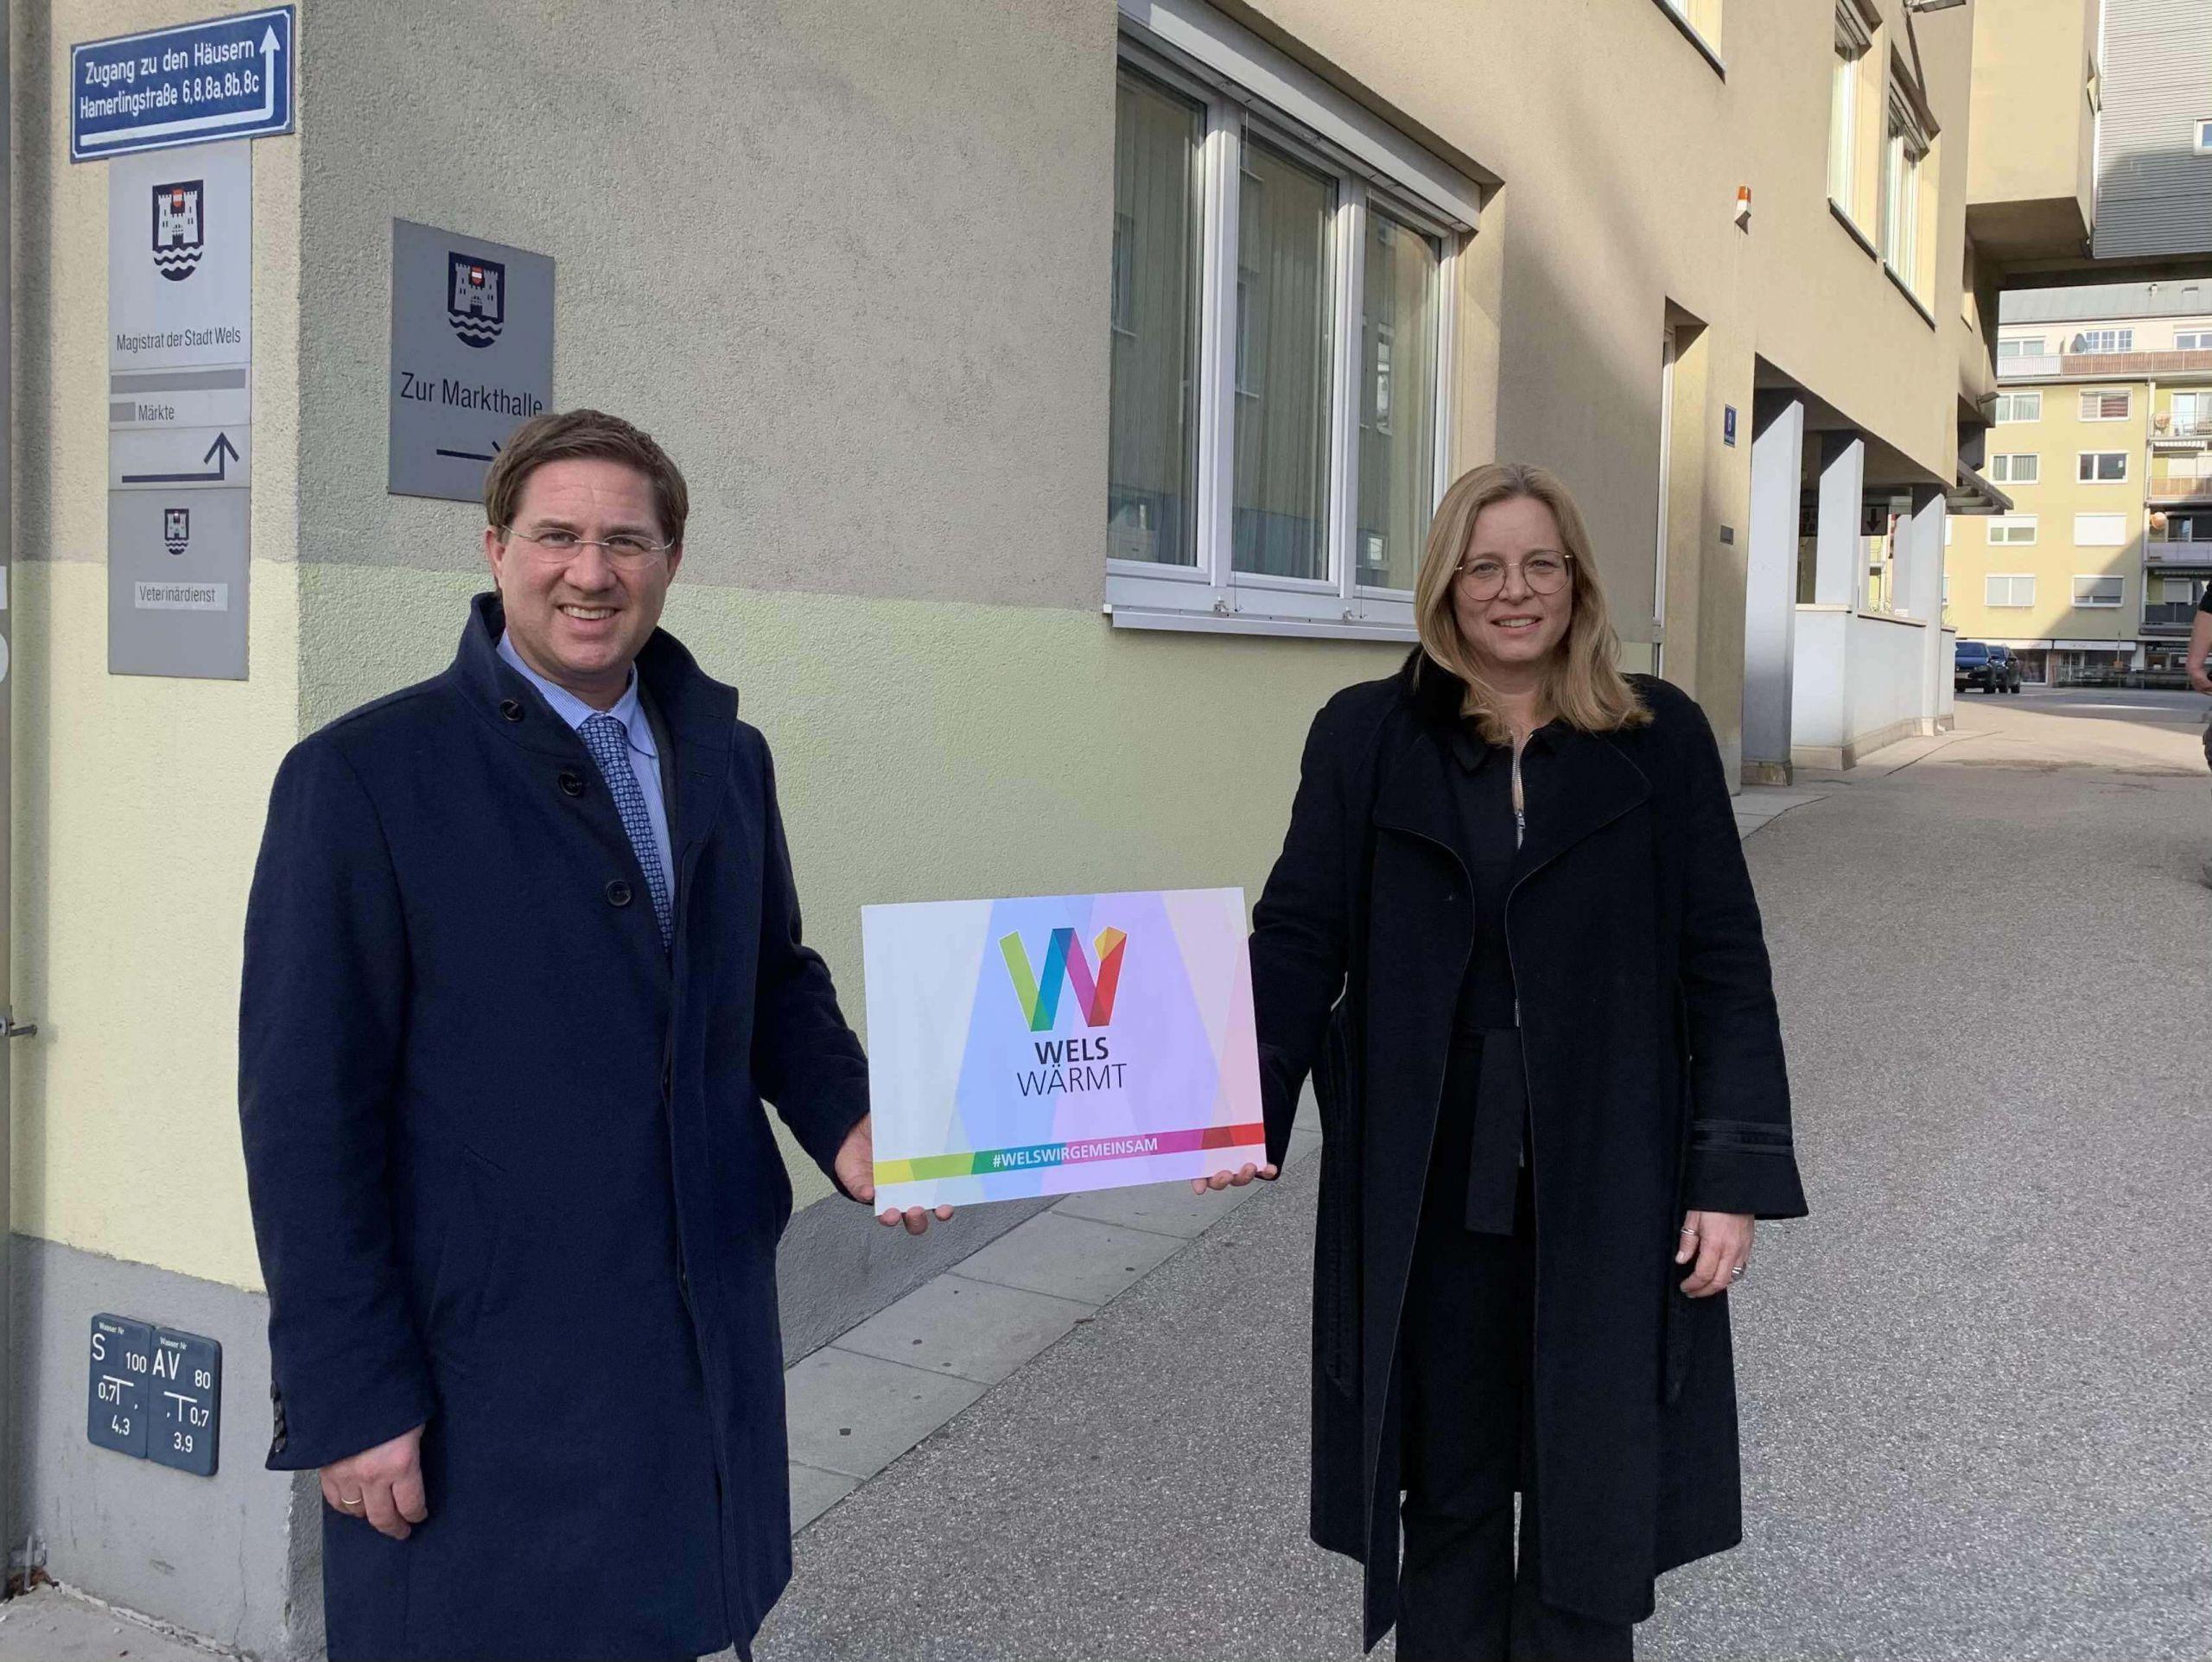 Bürgermeister Dr. Andreas Rabl und Vizebürgermeisterin Christa Raggl-Mühlberger stehen am Marktgelände und halten ein Schild mit der Aufschrift: Wels wärmt